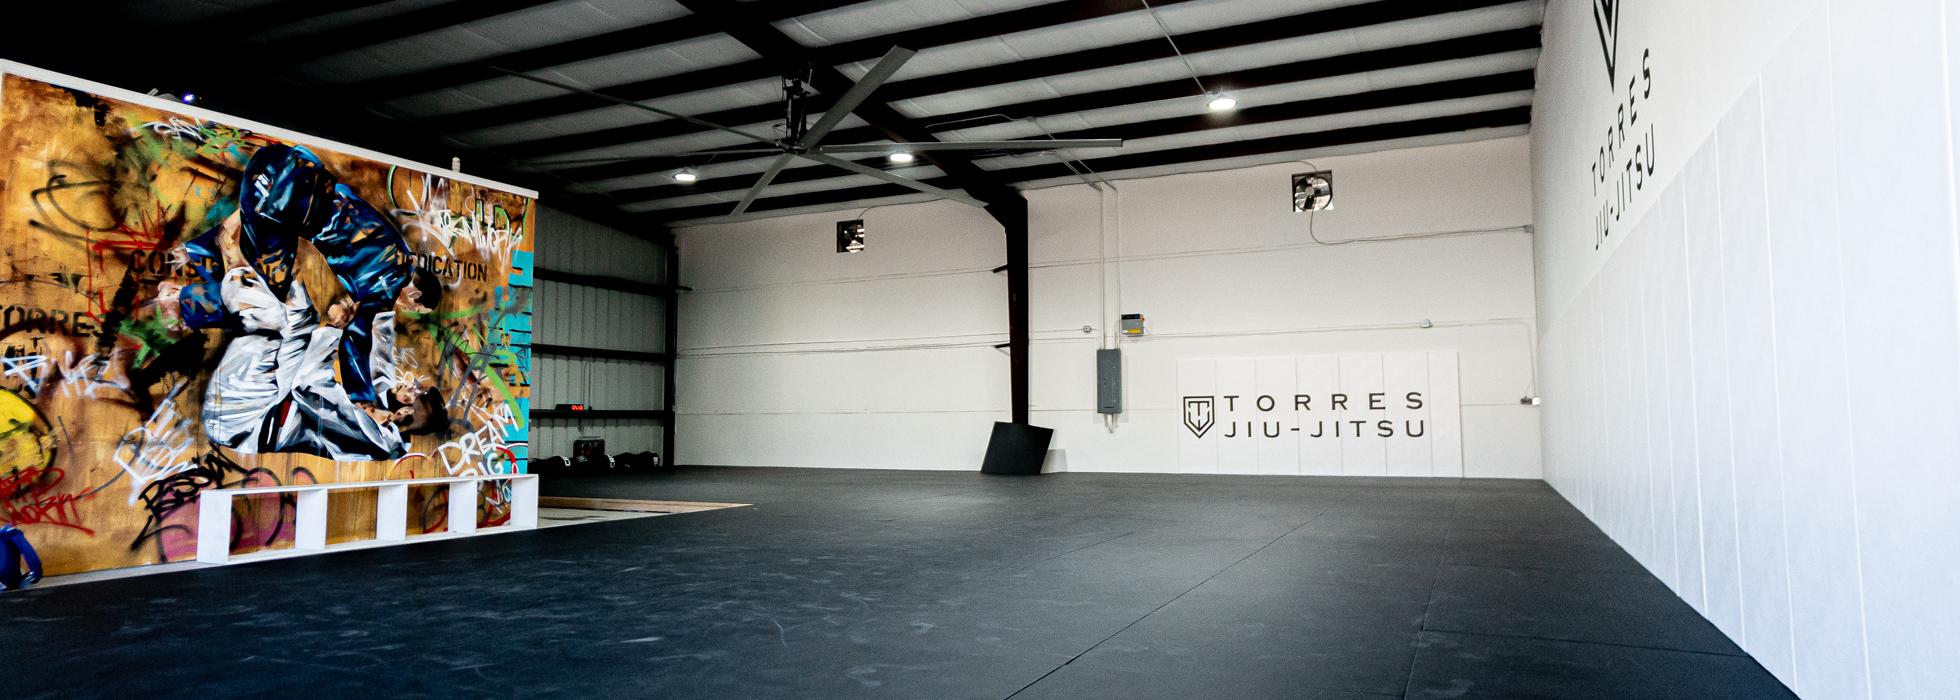 Why Torres Jiu Jitsu Is Ranked One Of The Best Gyms in Spring TX, Why Torres Jiu Jitsu Is Ranked One Of The Best Gyms near The Woodlands TX, Why Torres Jiu Jitsu Is Ranked One Of The Best Gyms near Klein, Why Torres Jiu Jitsu Is Ranked One Of The Best Gyms near Tomball TX